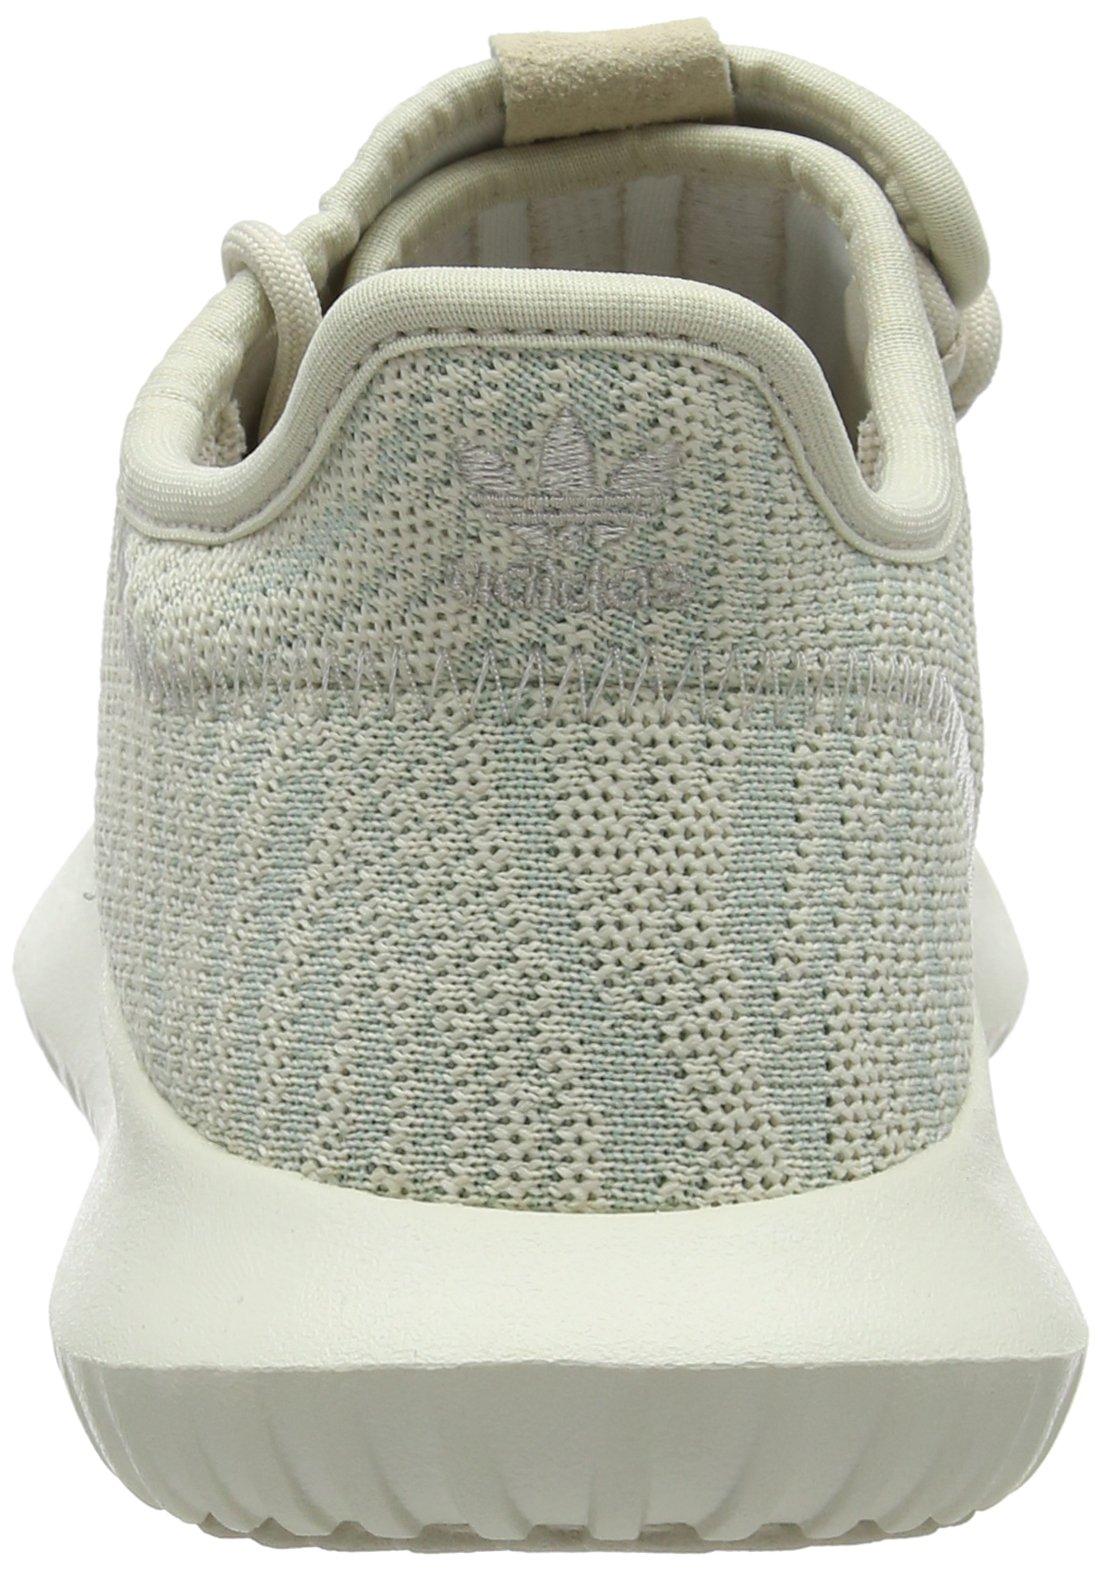 adidas Tubular Shadow, Scarpe da Ginnastica Donna 6 spesavip